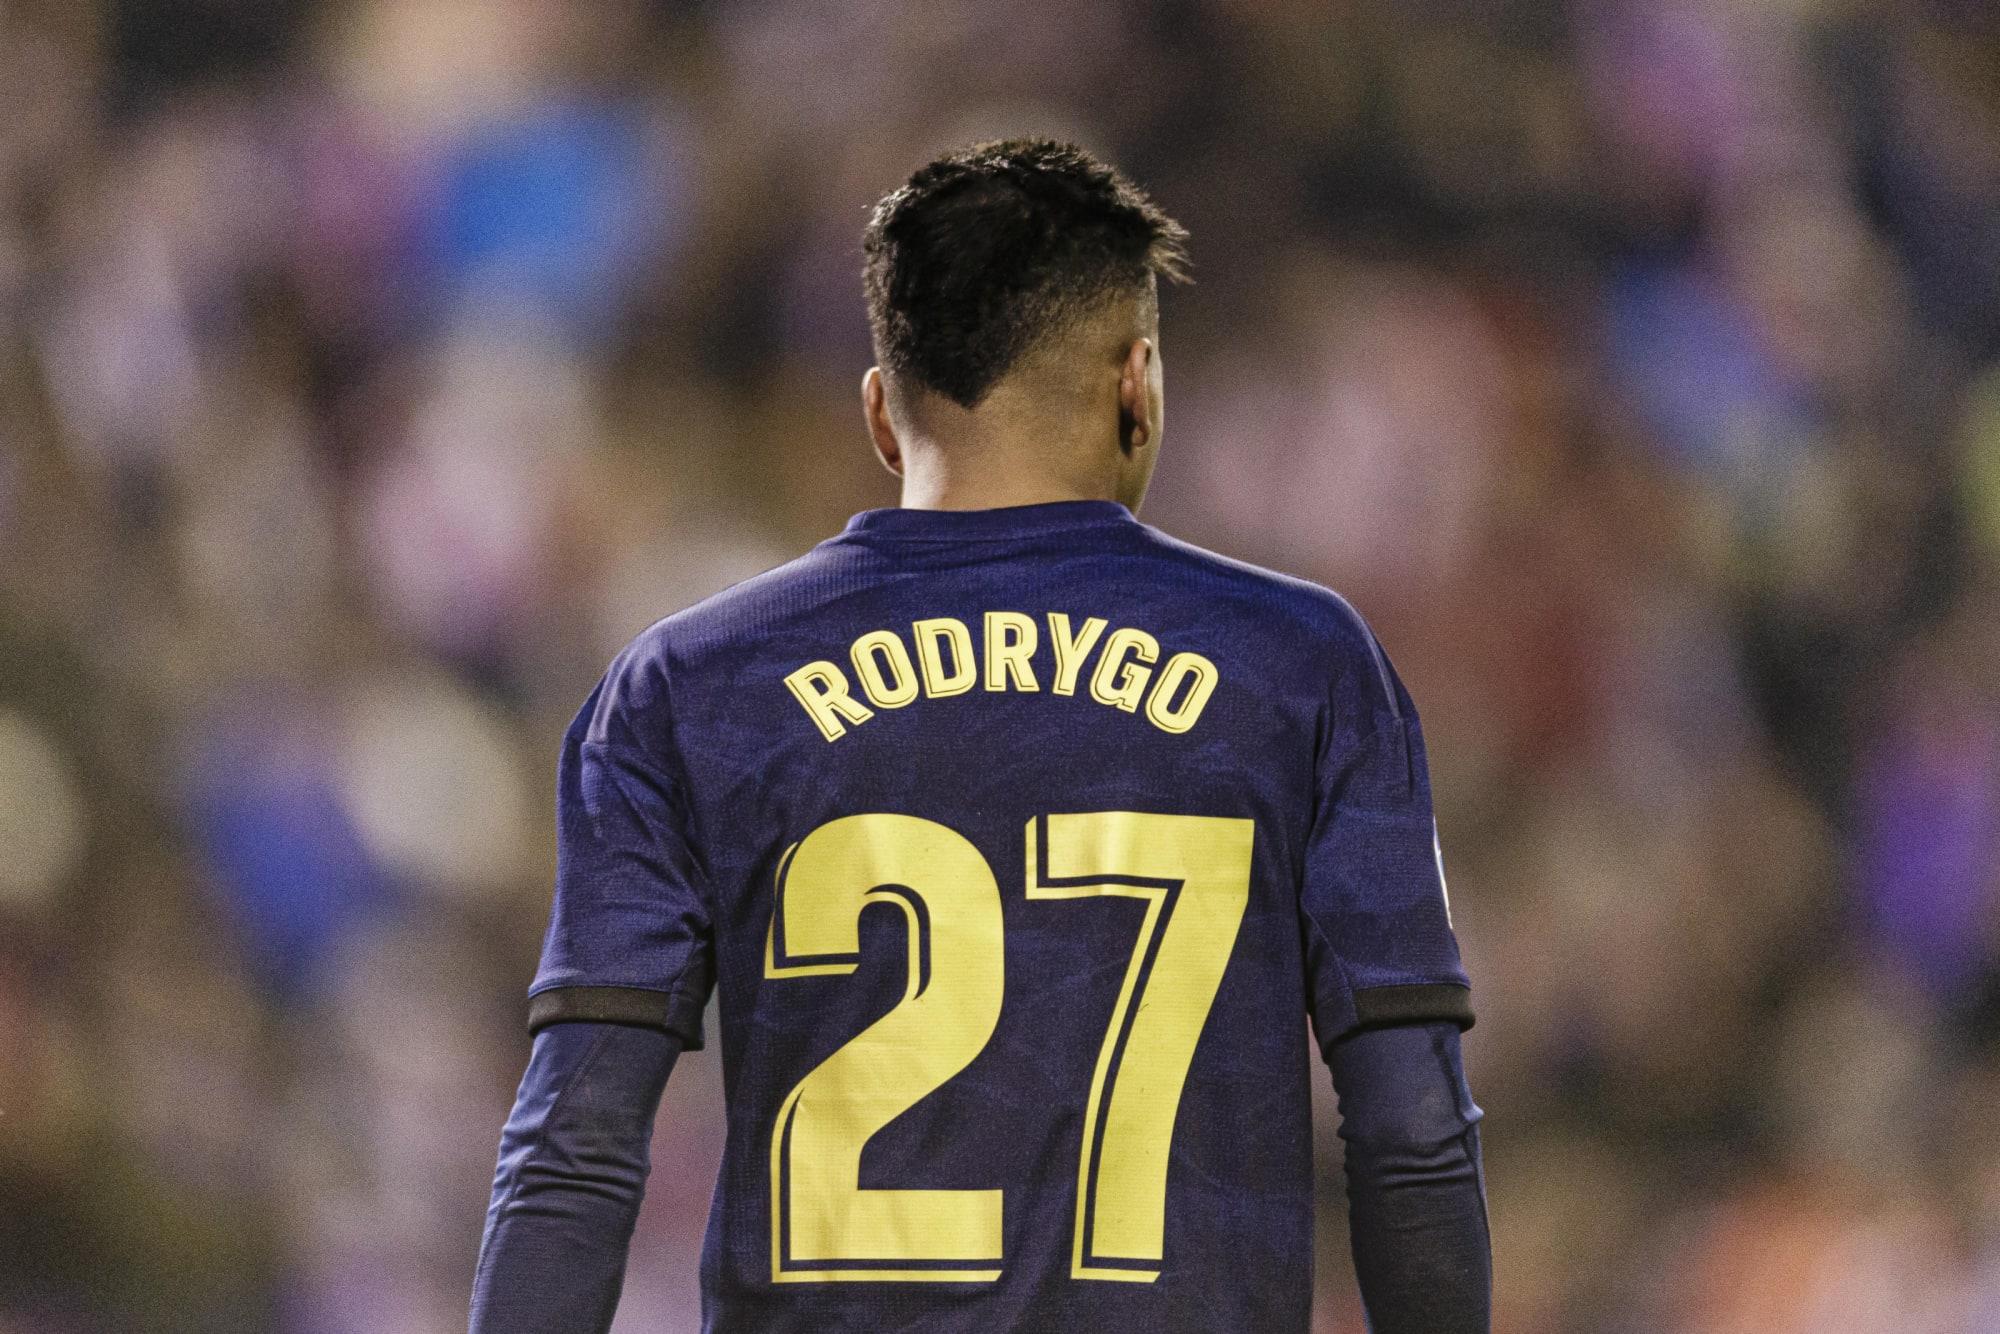 Rodrygo-Silva-de-Goes-Potos